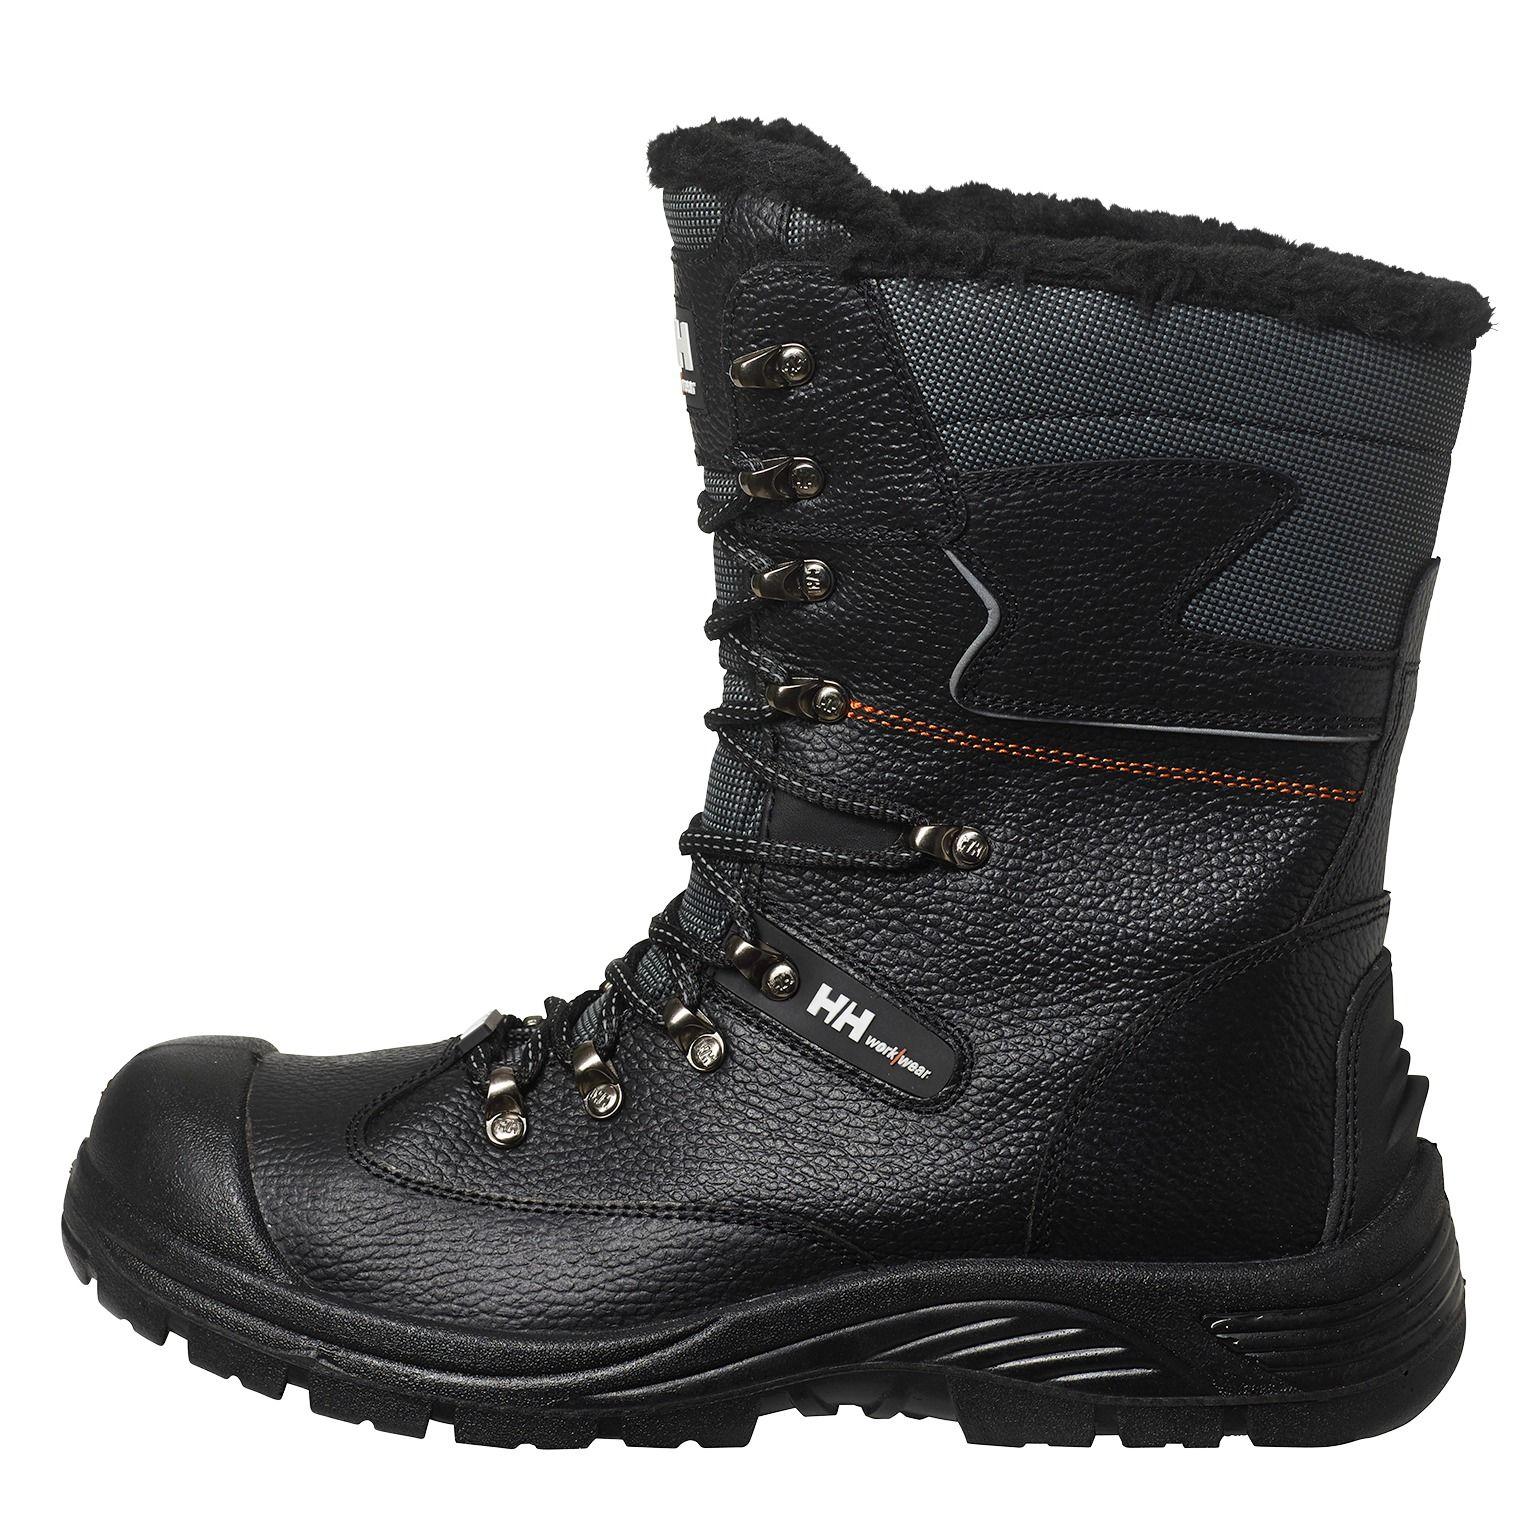 161592e217d Botas de seguridad resistentes bajas temperaturas CI | Botas laborales |  Calzado de Proteccion